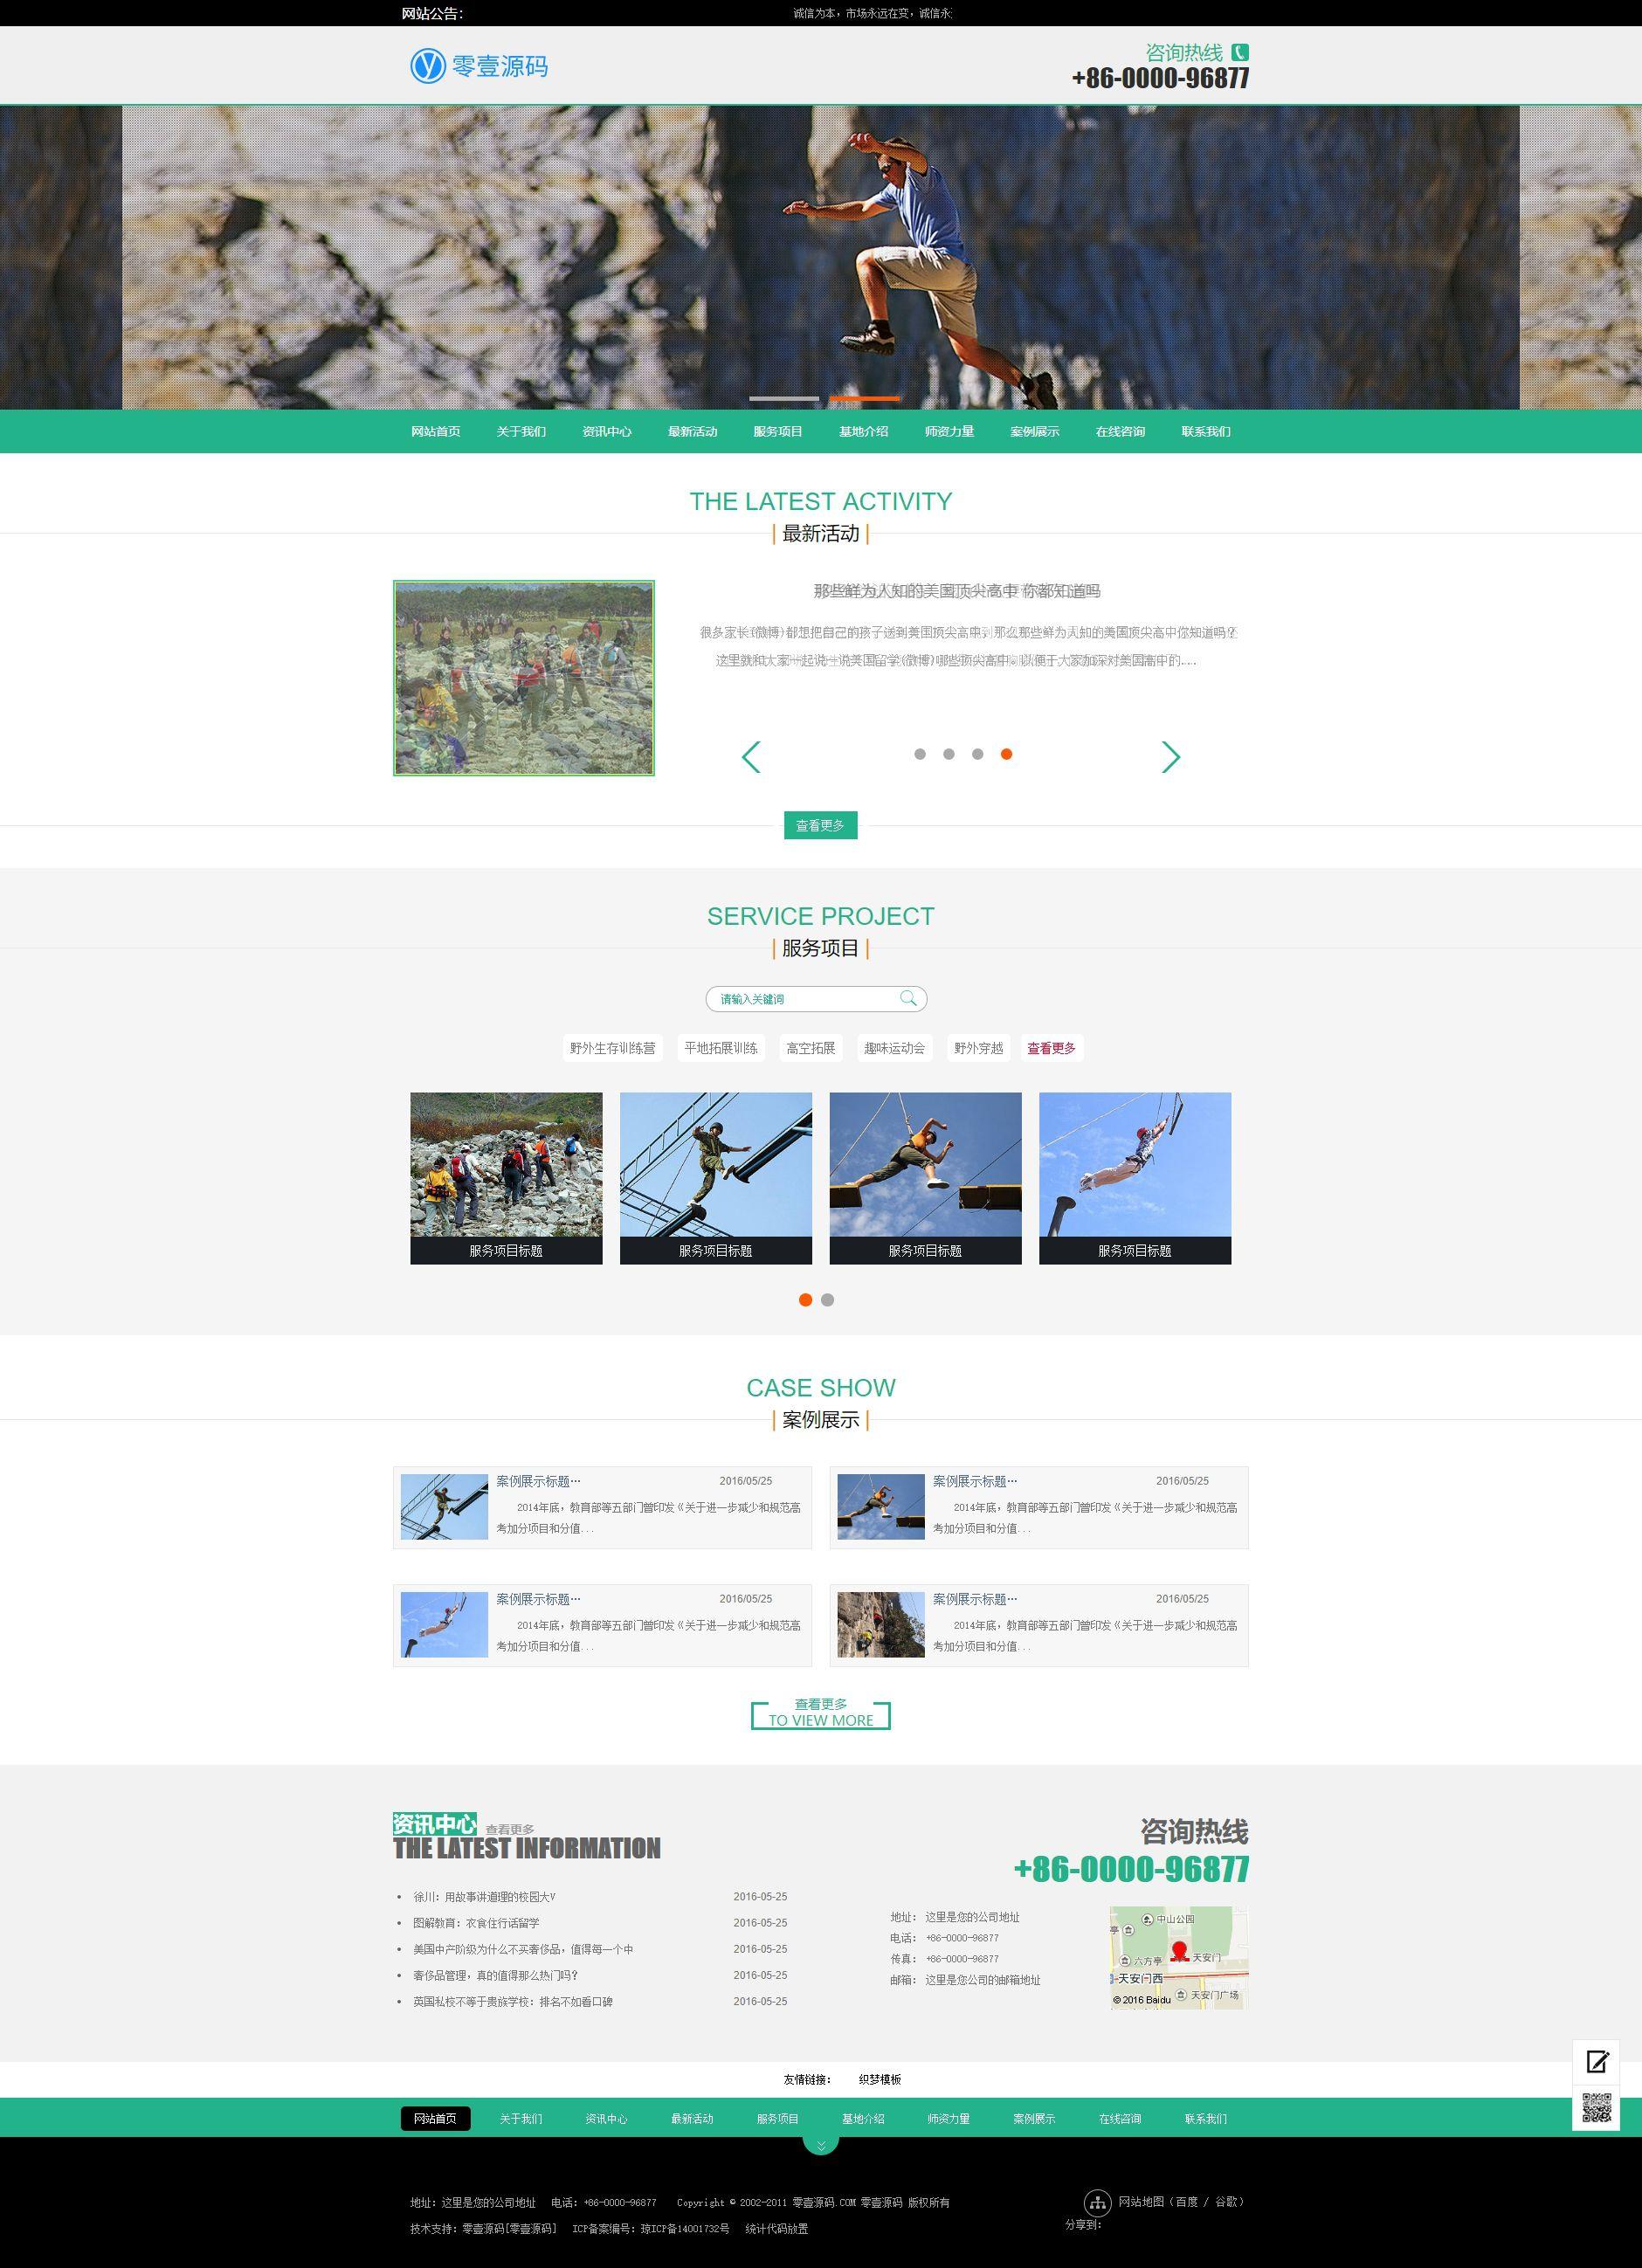 教育培训行业企业通用网站织梦dedecms模板(带手机端)